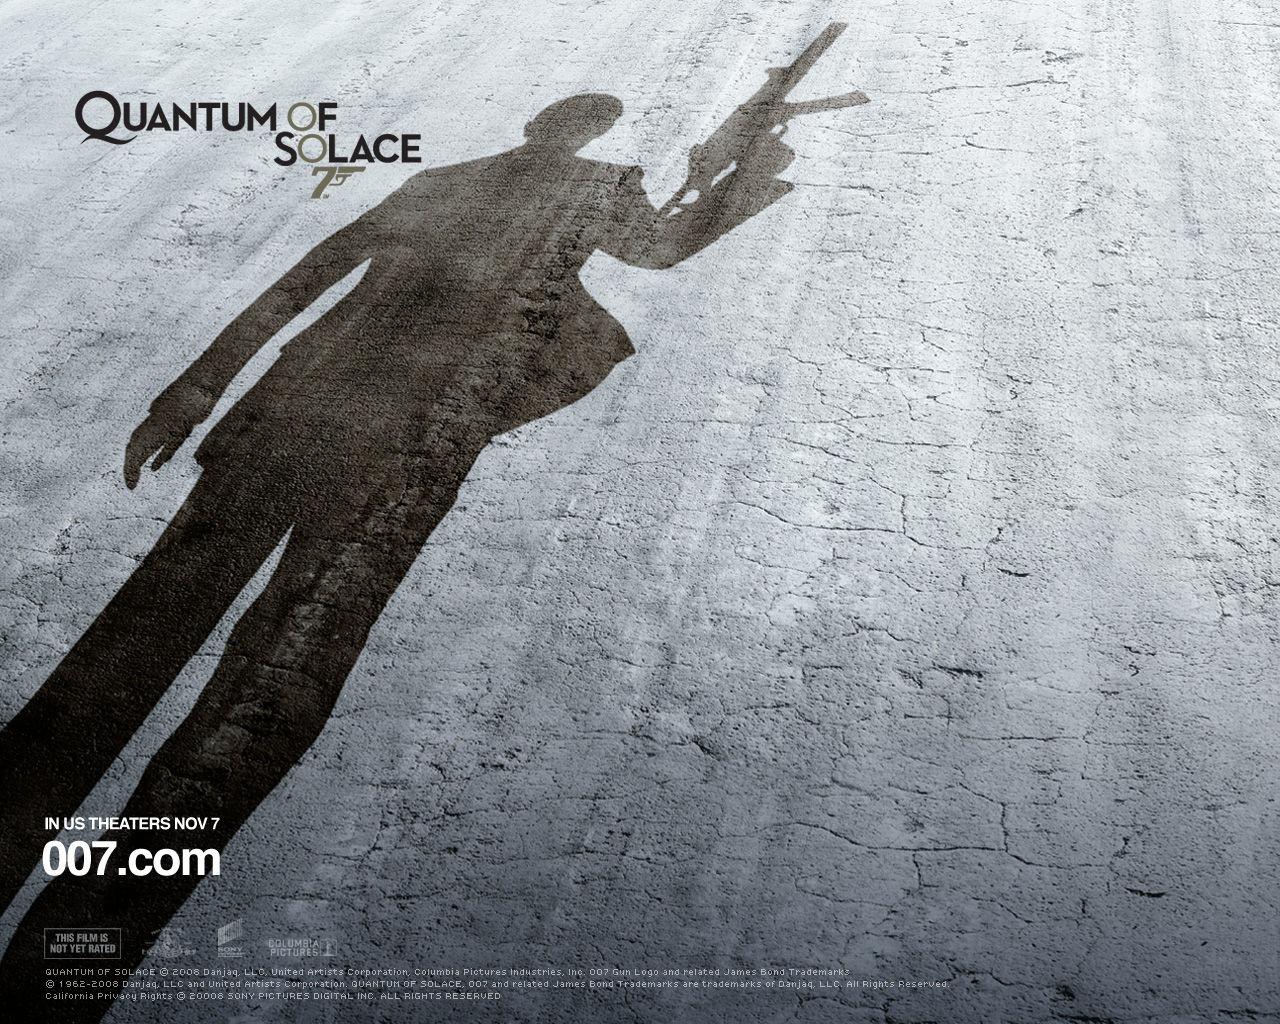 慰めの007の量子壁紙 5 1280x1024 壁紙ダウンロード 慰めの007の量子壁紙 映画 壁紙 V3の壁紙